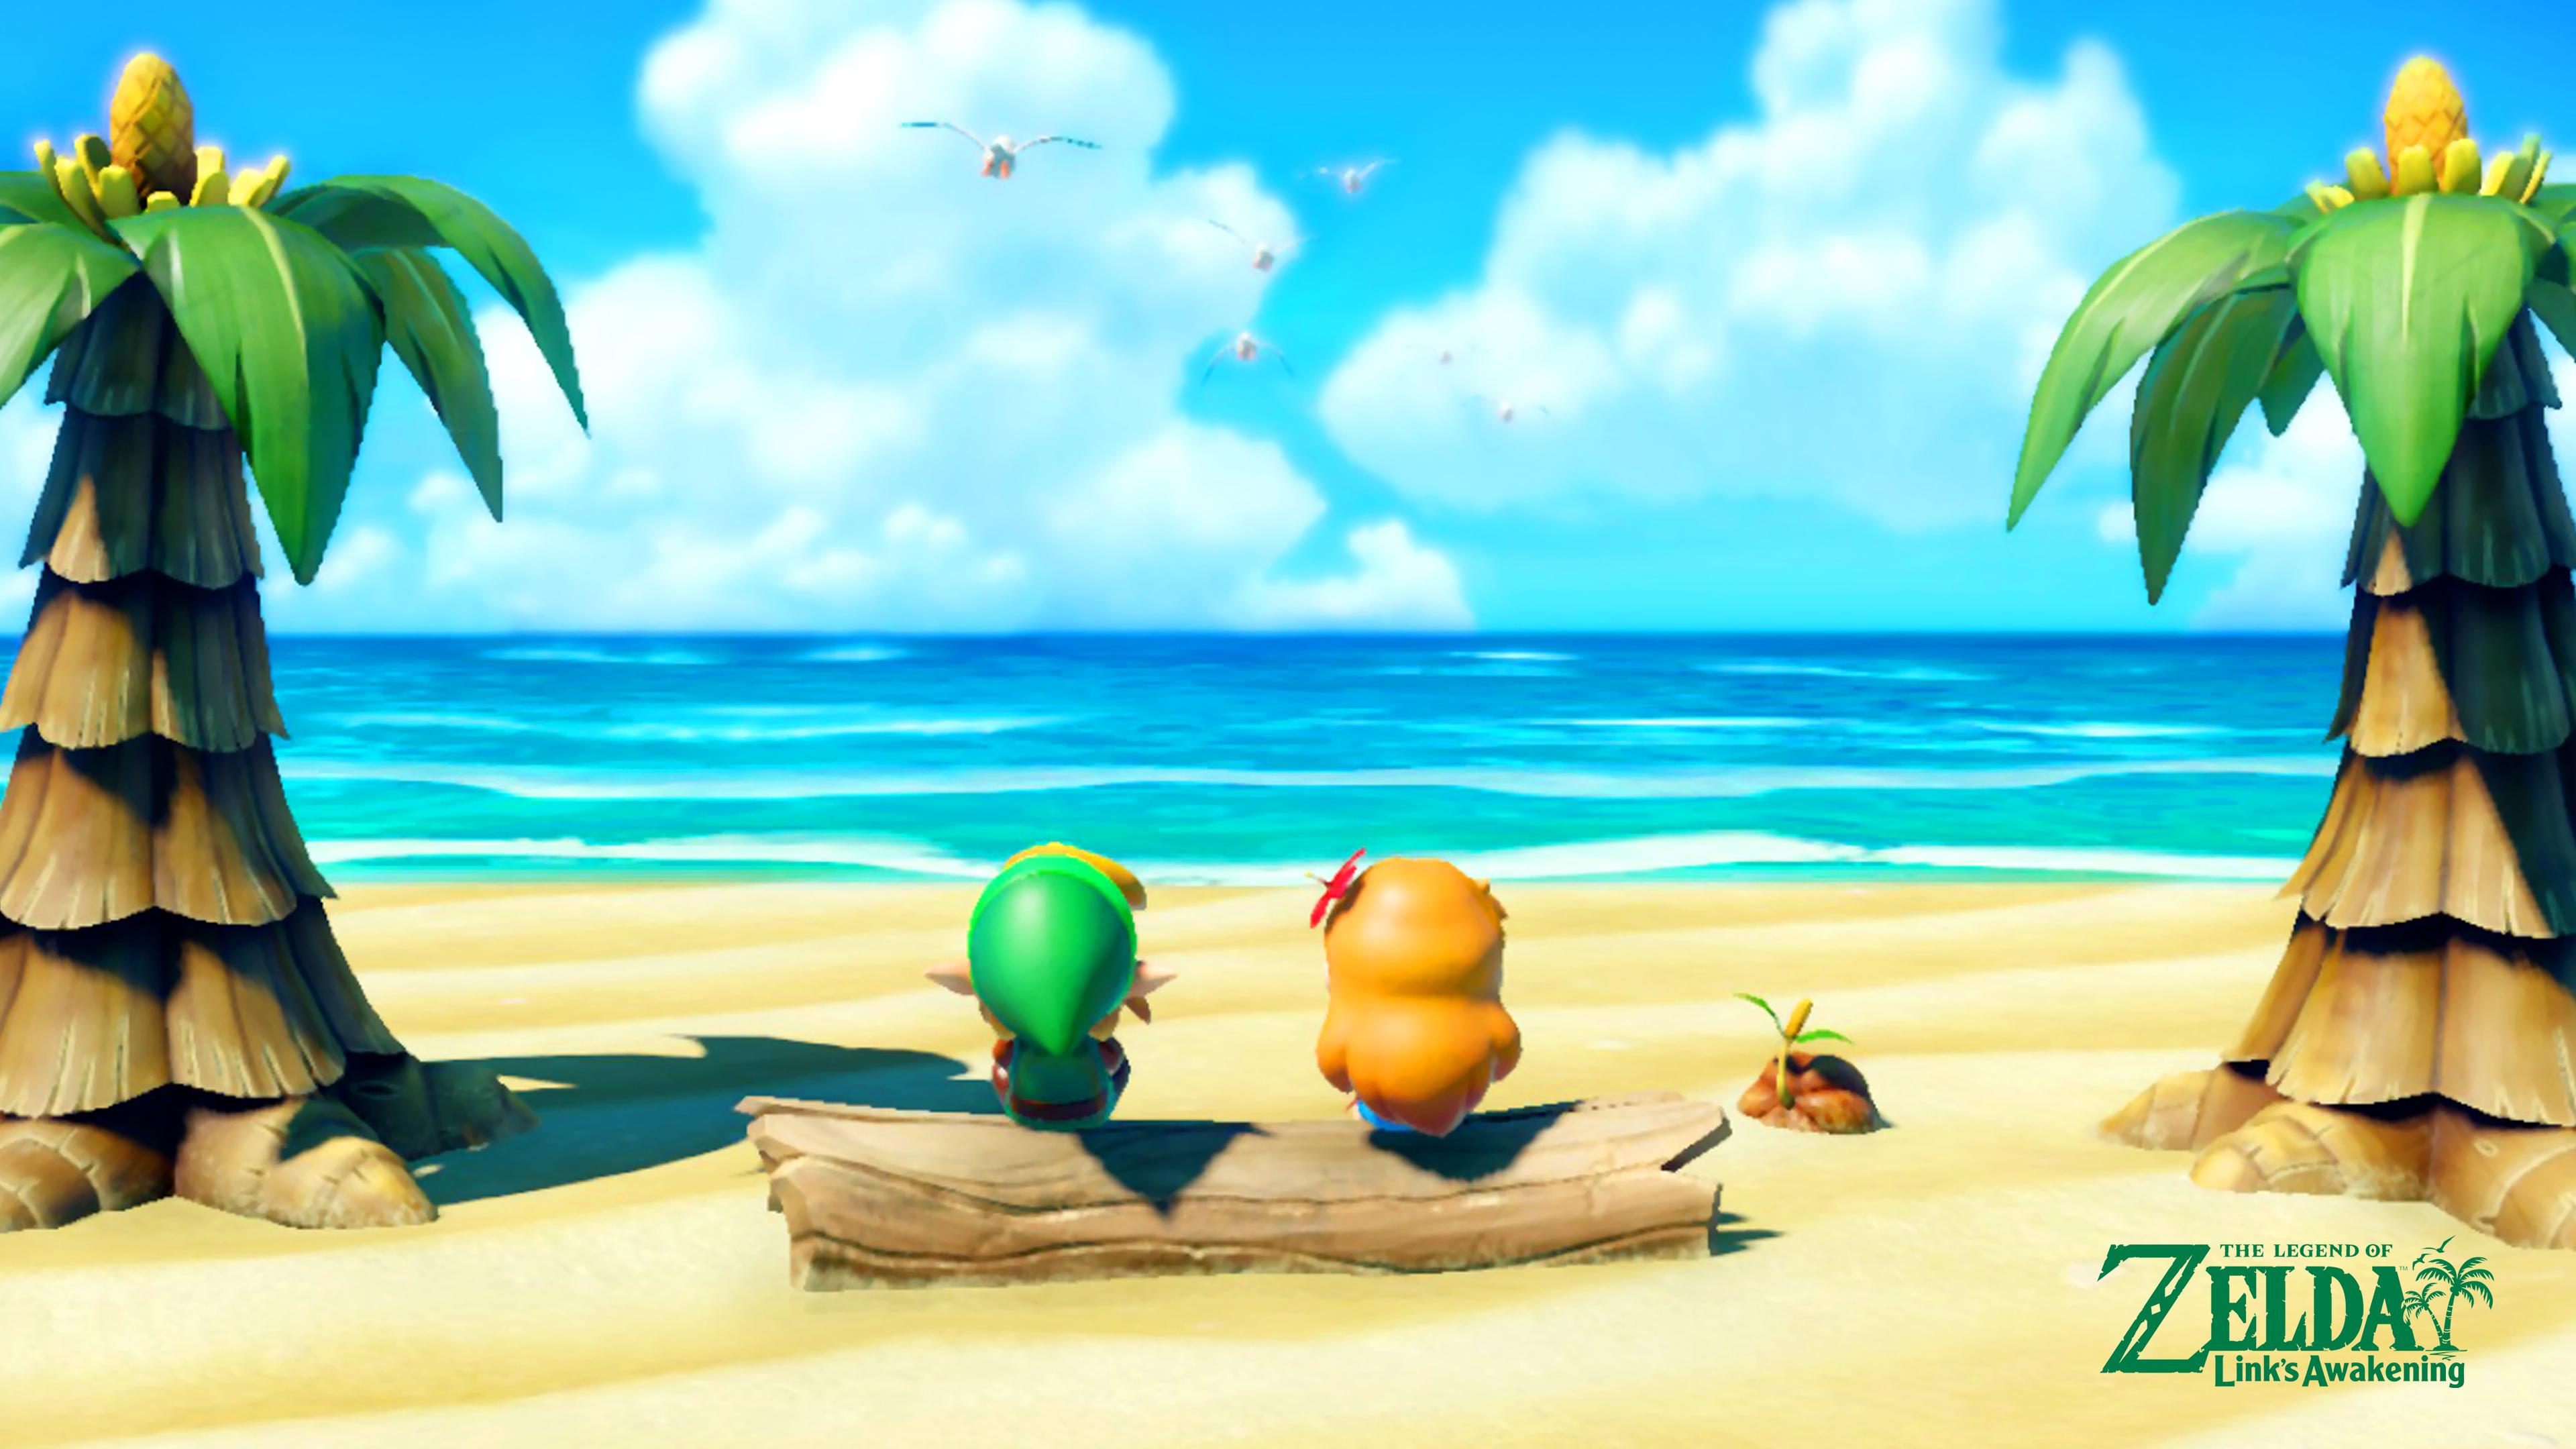 The Legend Of Zelda Link S Awakening Beach Wallpaper Cat